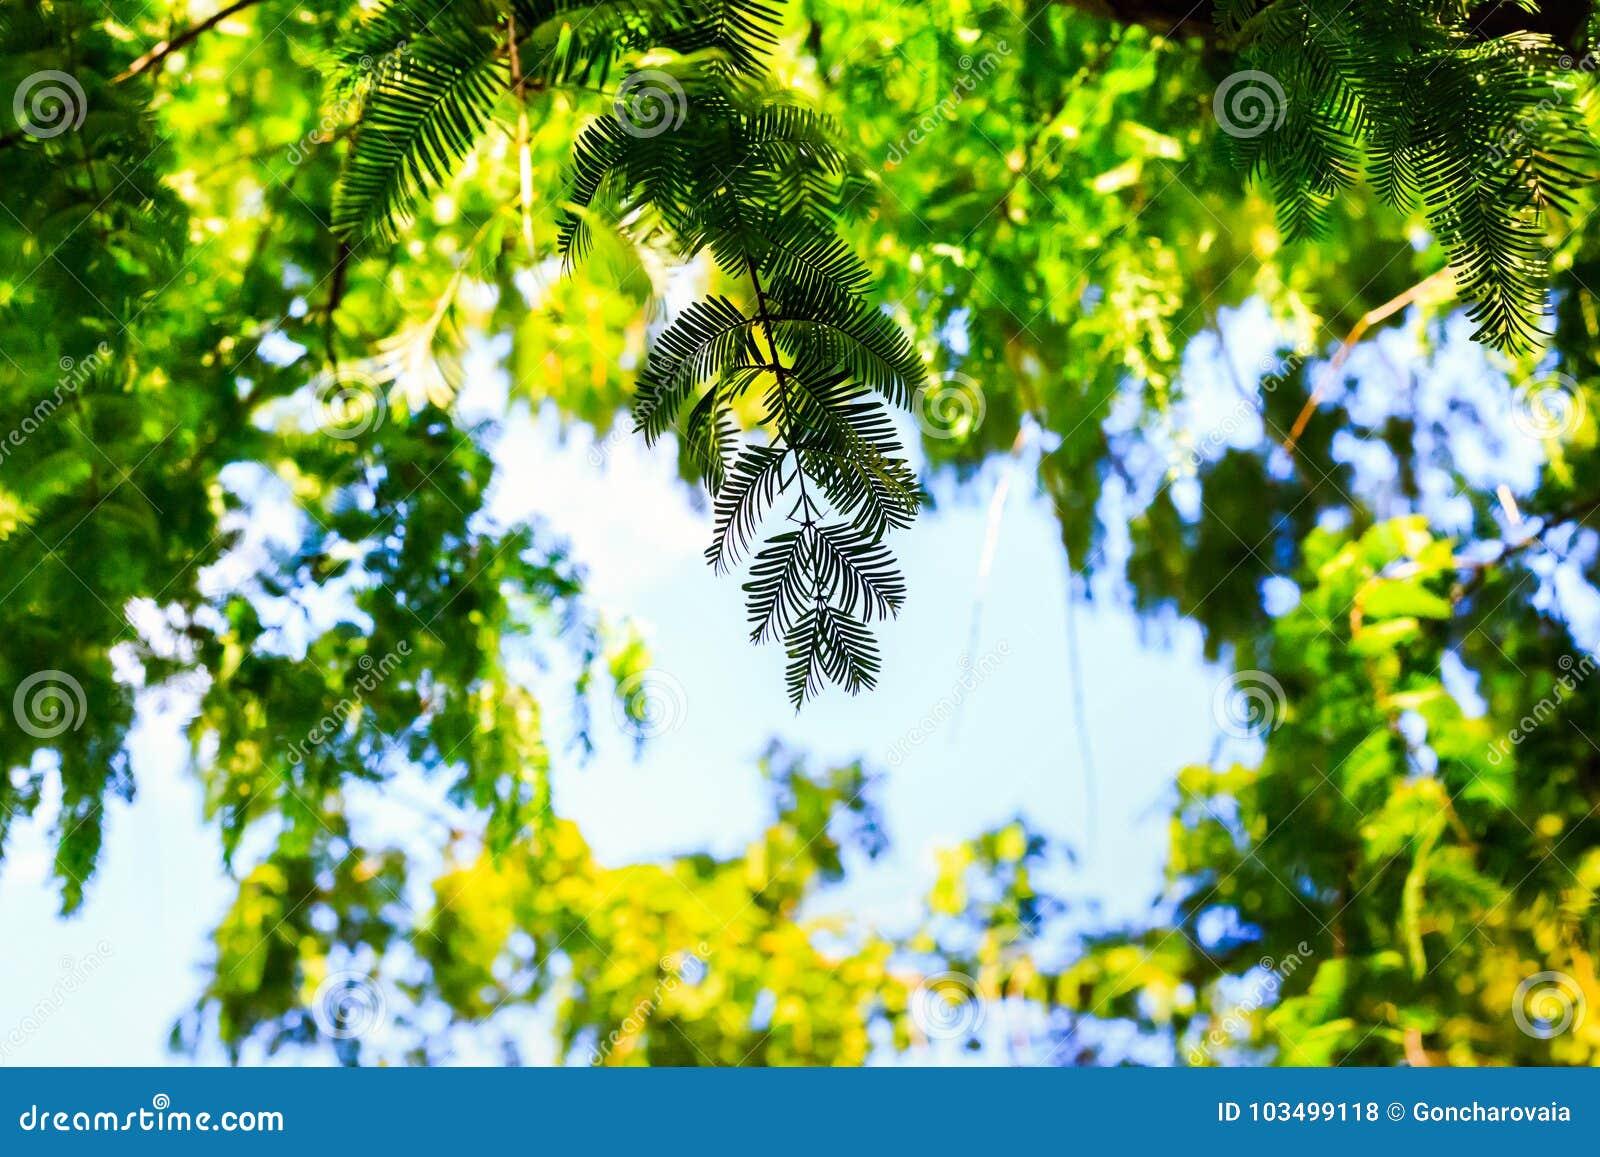 Τροπικά φυτά σκιαγραφιών στο μπλε ουρανό, πράσινα φύλλα της φτέρης στους τροπικούς κύκλους Δασικές καλοκαίρι και διακοπές έννοιας